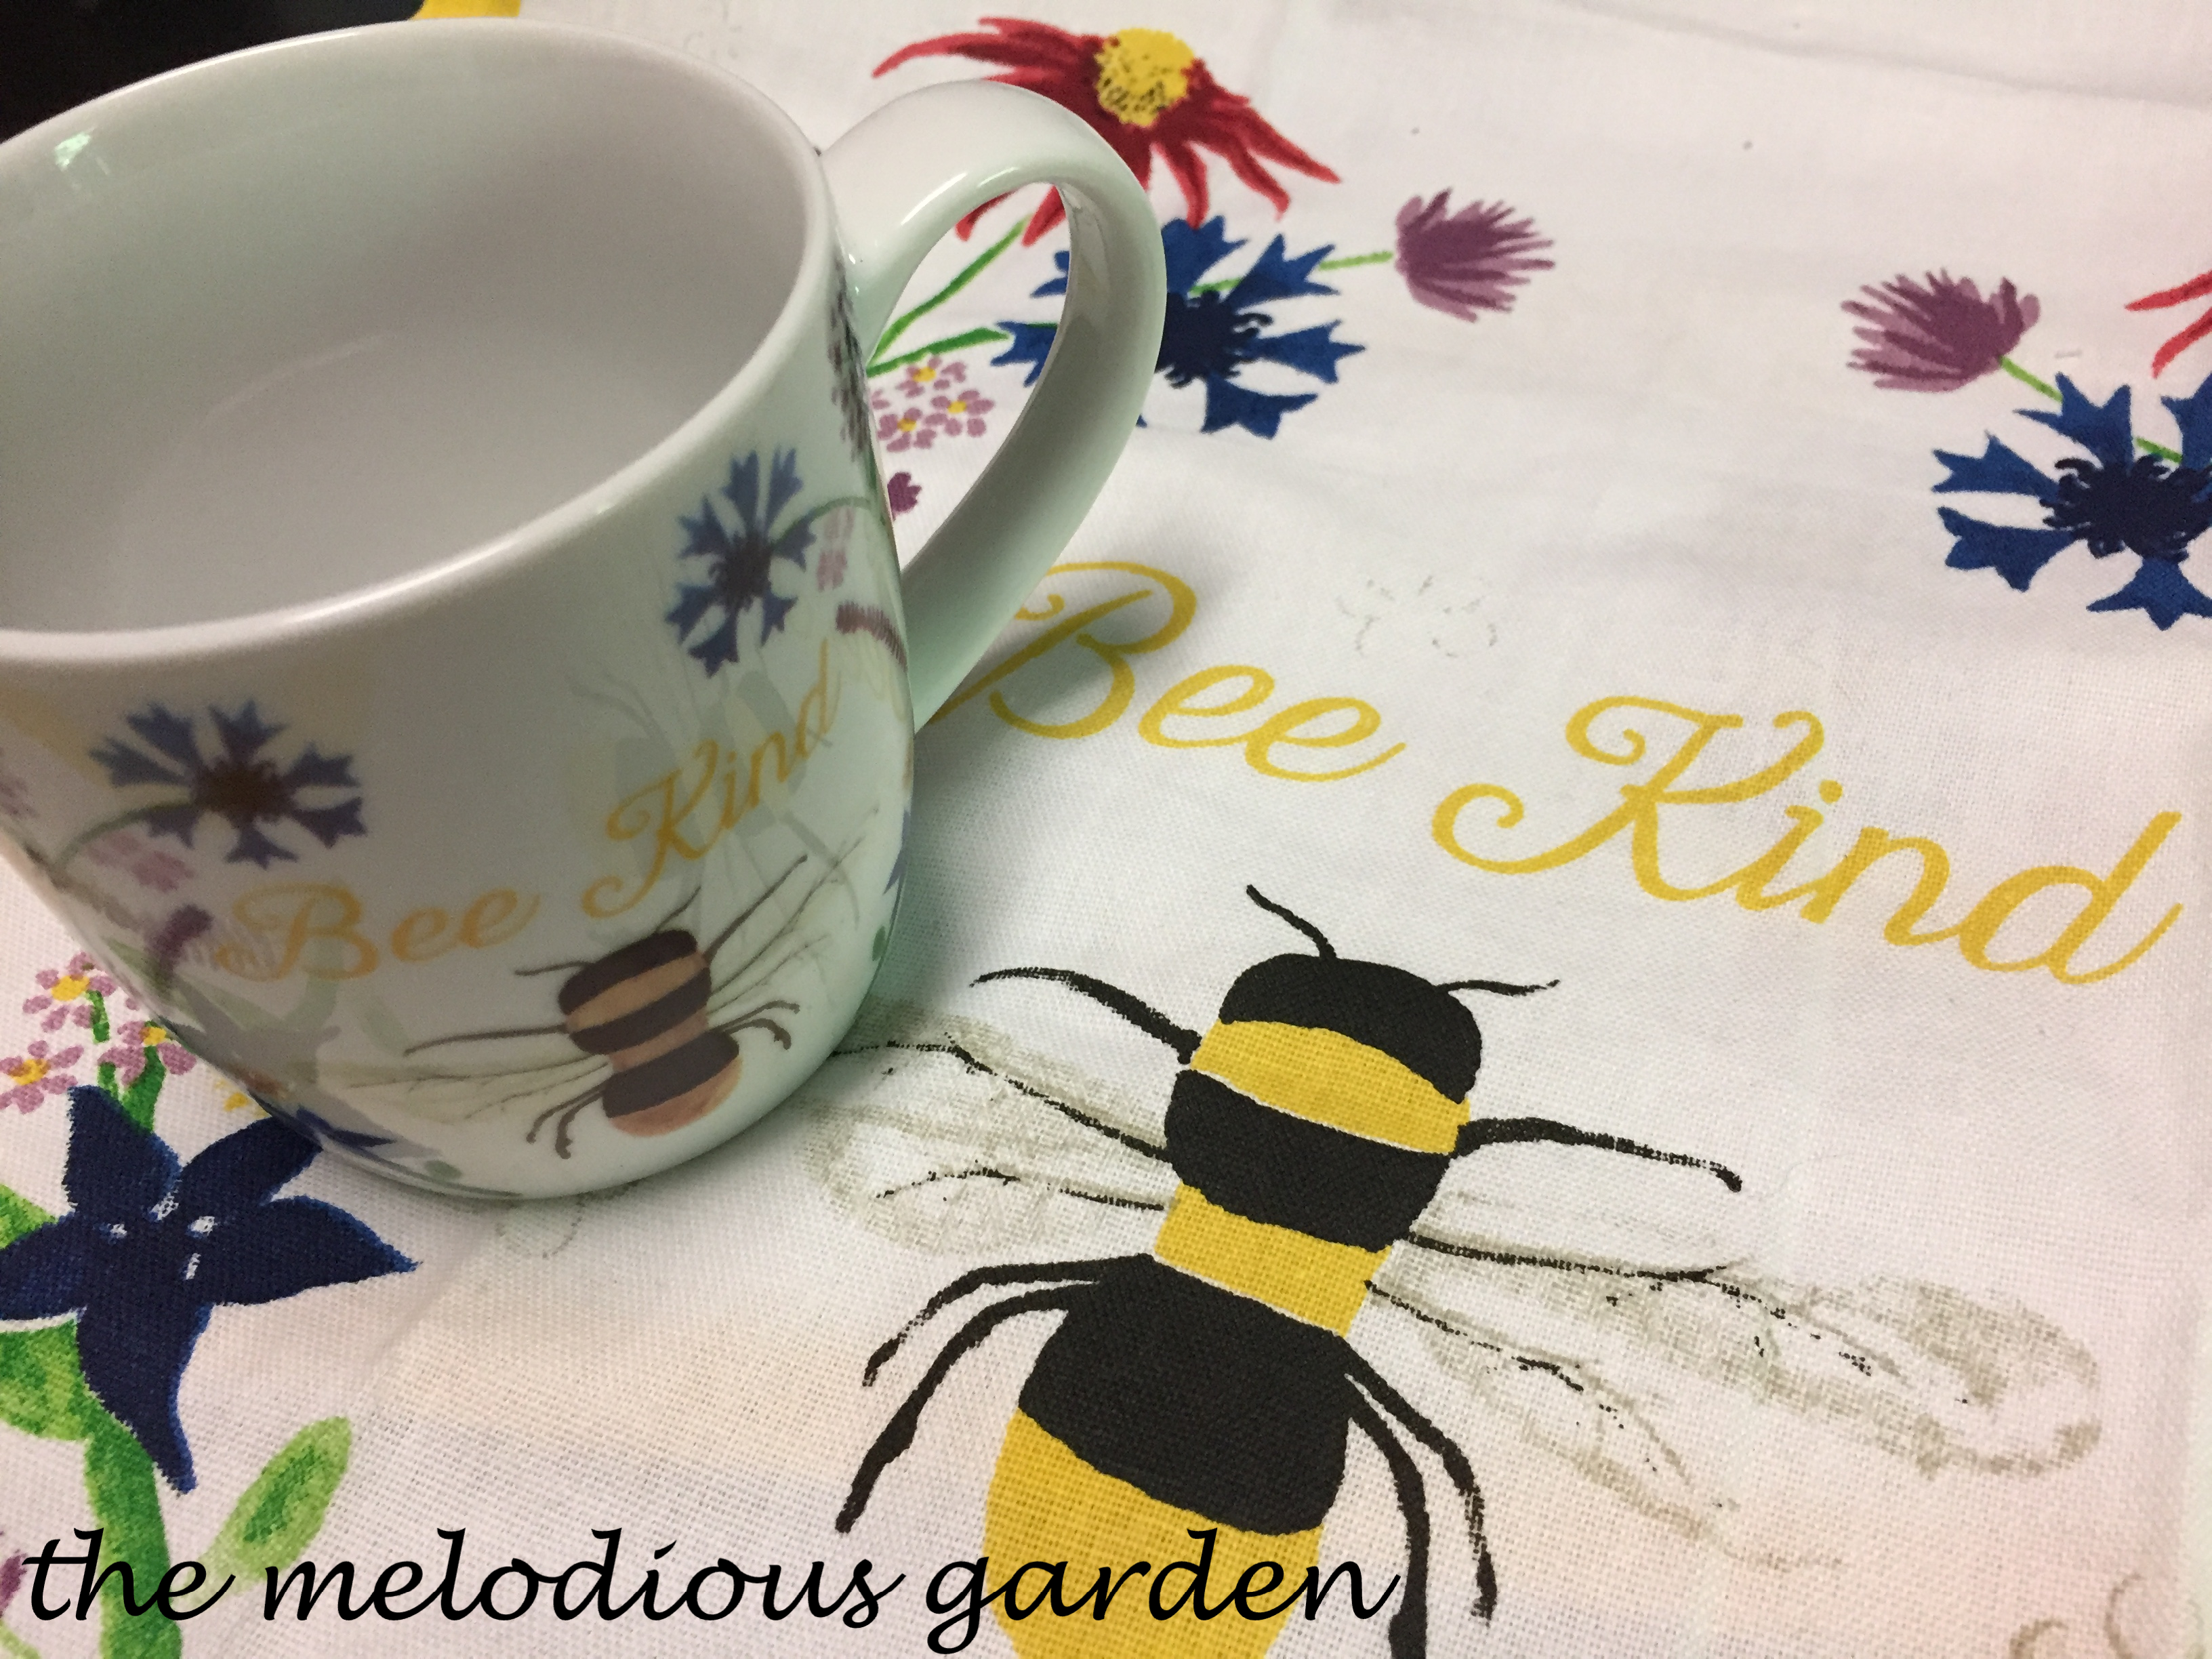 bee kind cup and tea towel